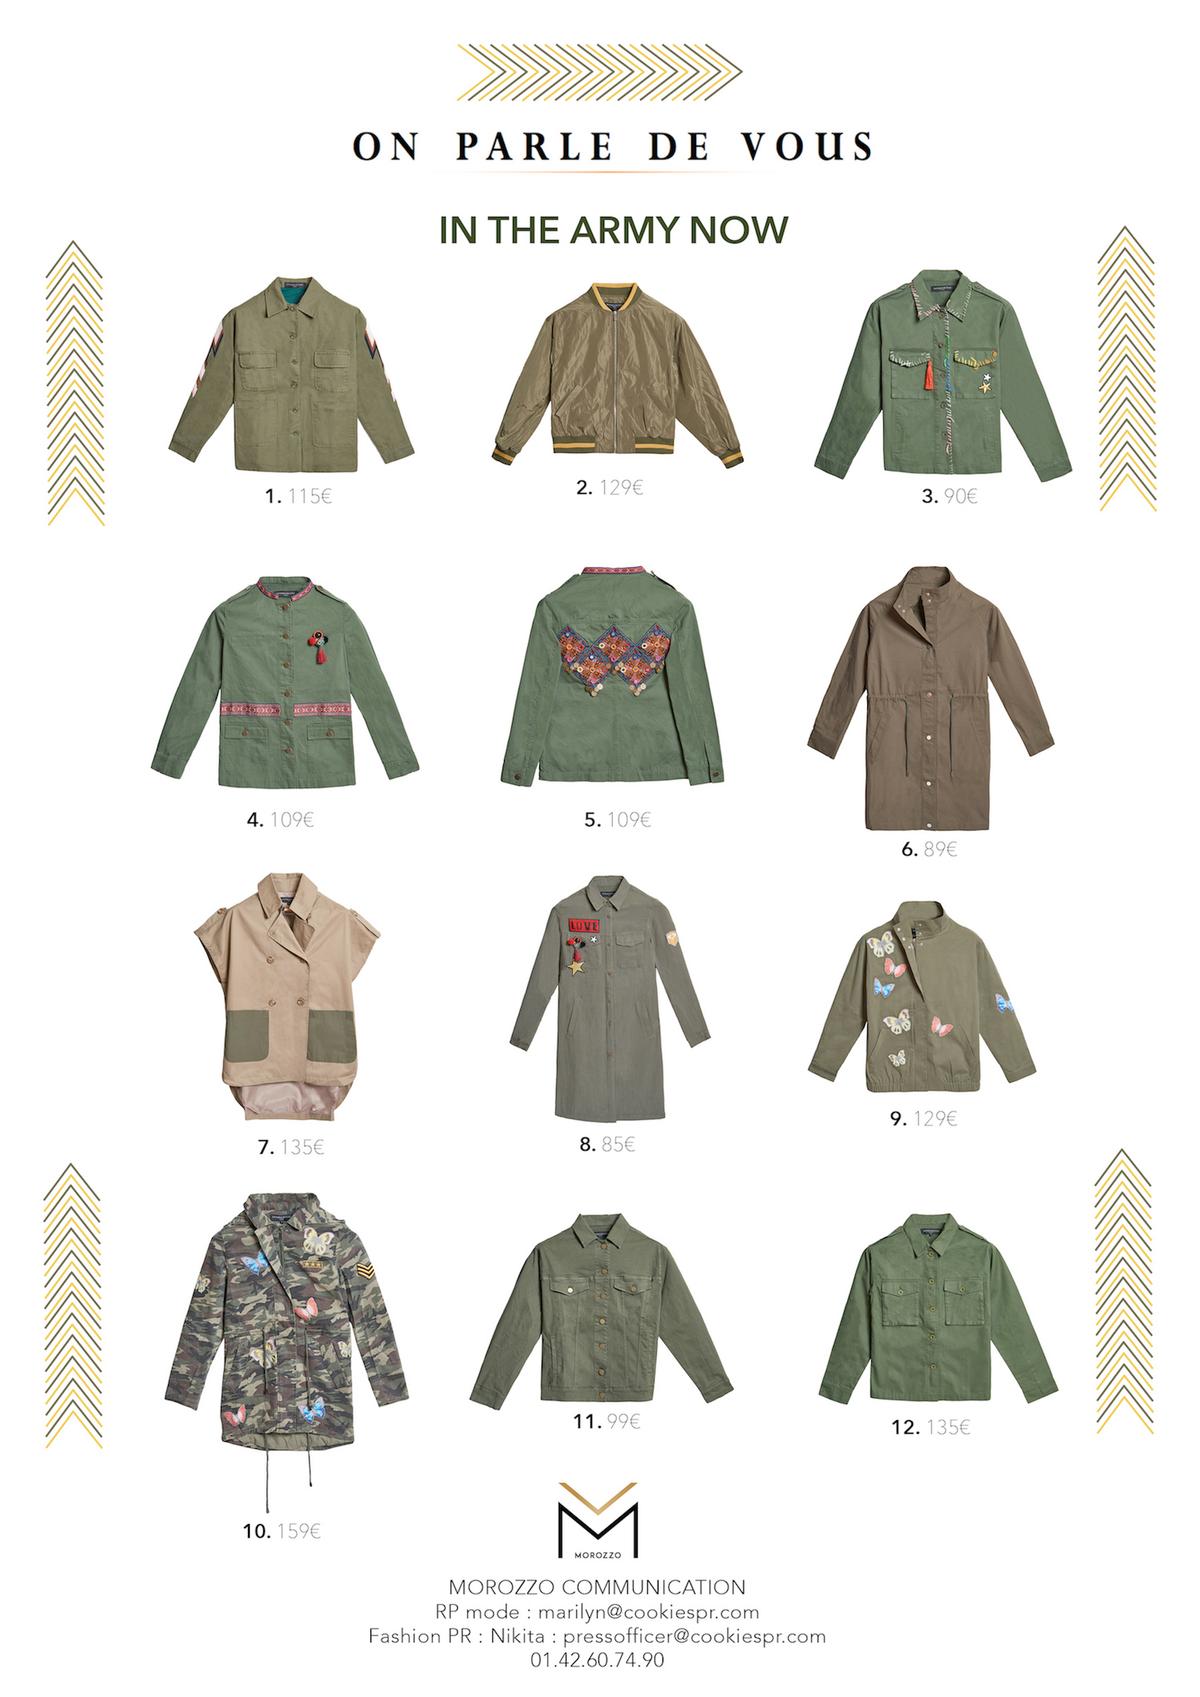 Les vestes militaires d'On Parle De Vous